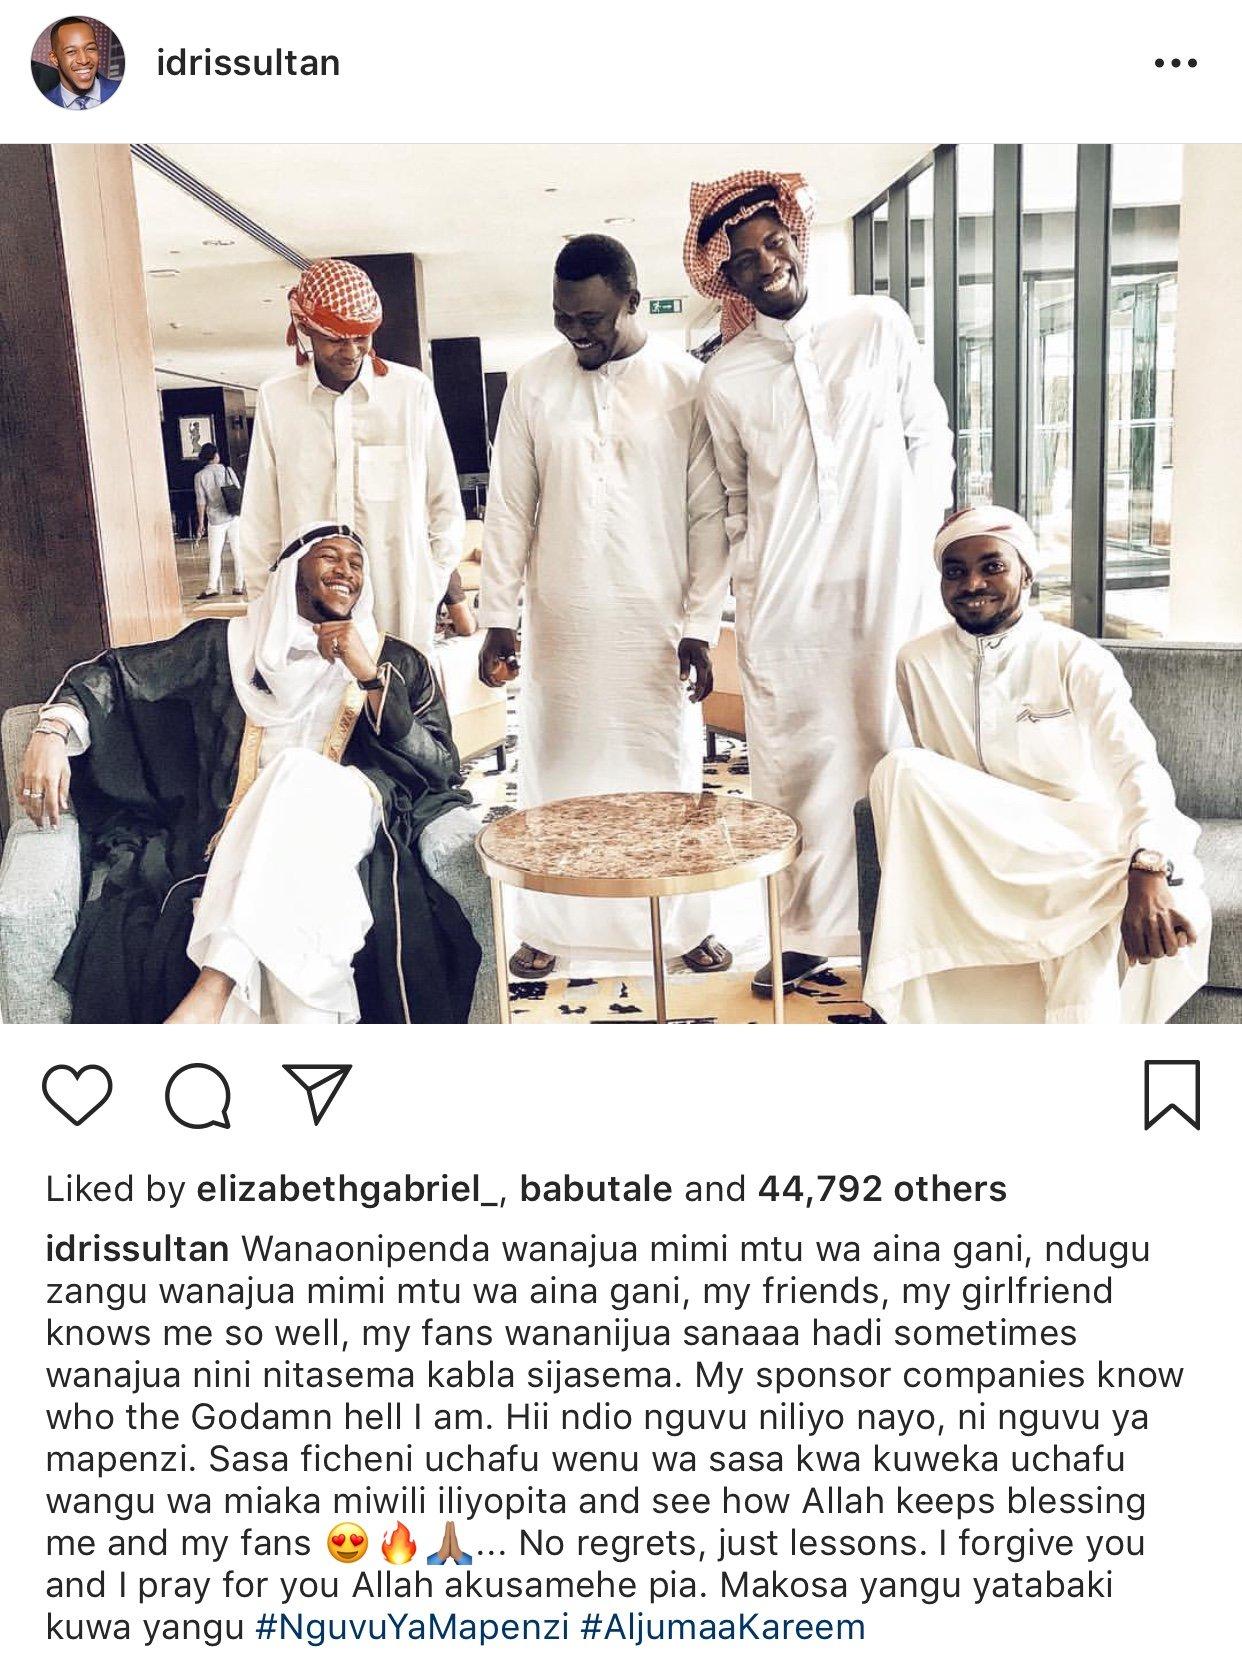 Idris Sultan Afungukia Picha Yake Ya Utupu